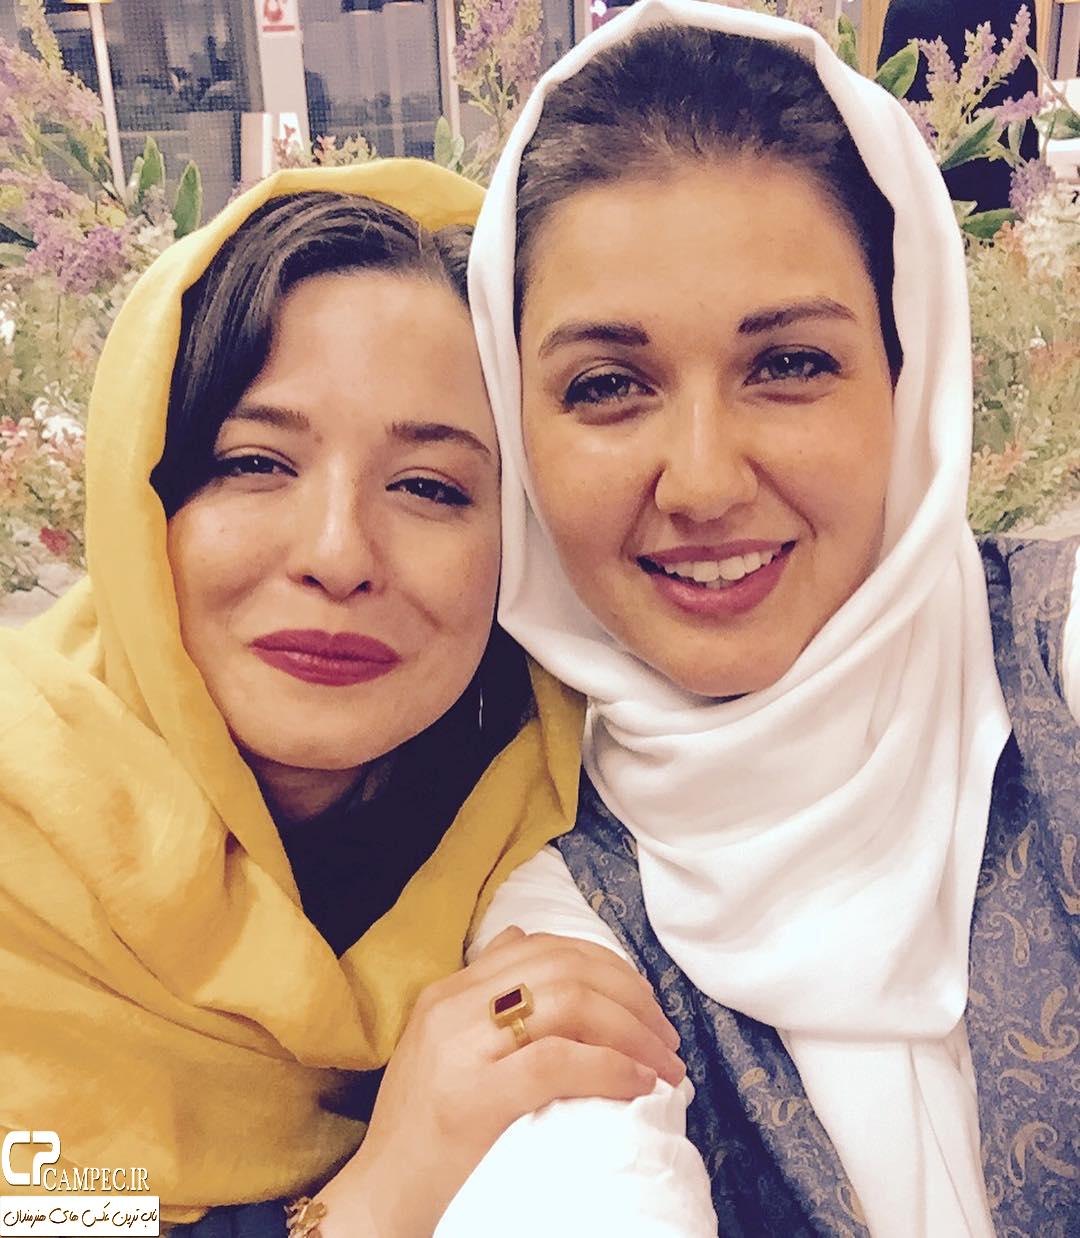 عکس شخصی گلوریا هاردی با مهراوه شریفی نیا